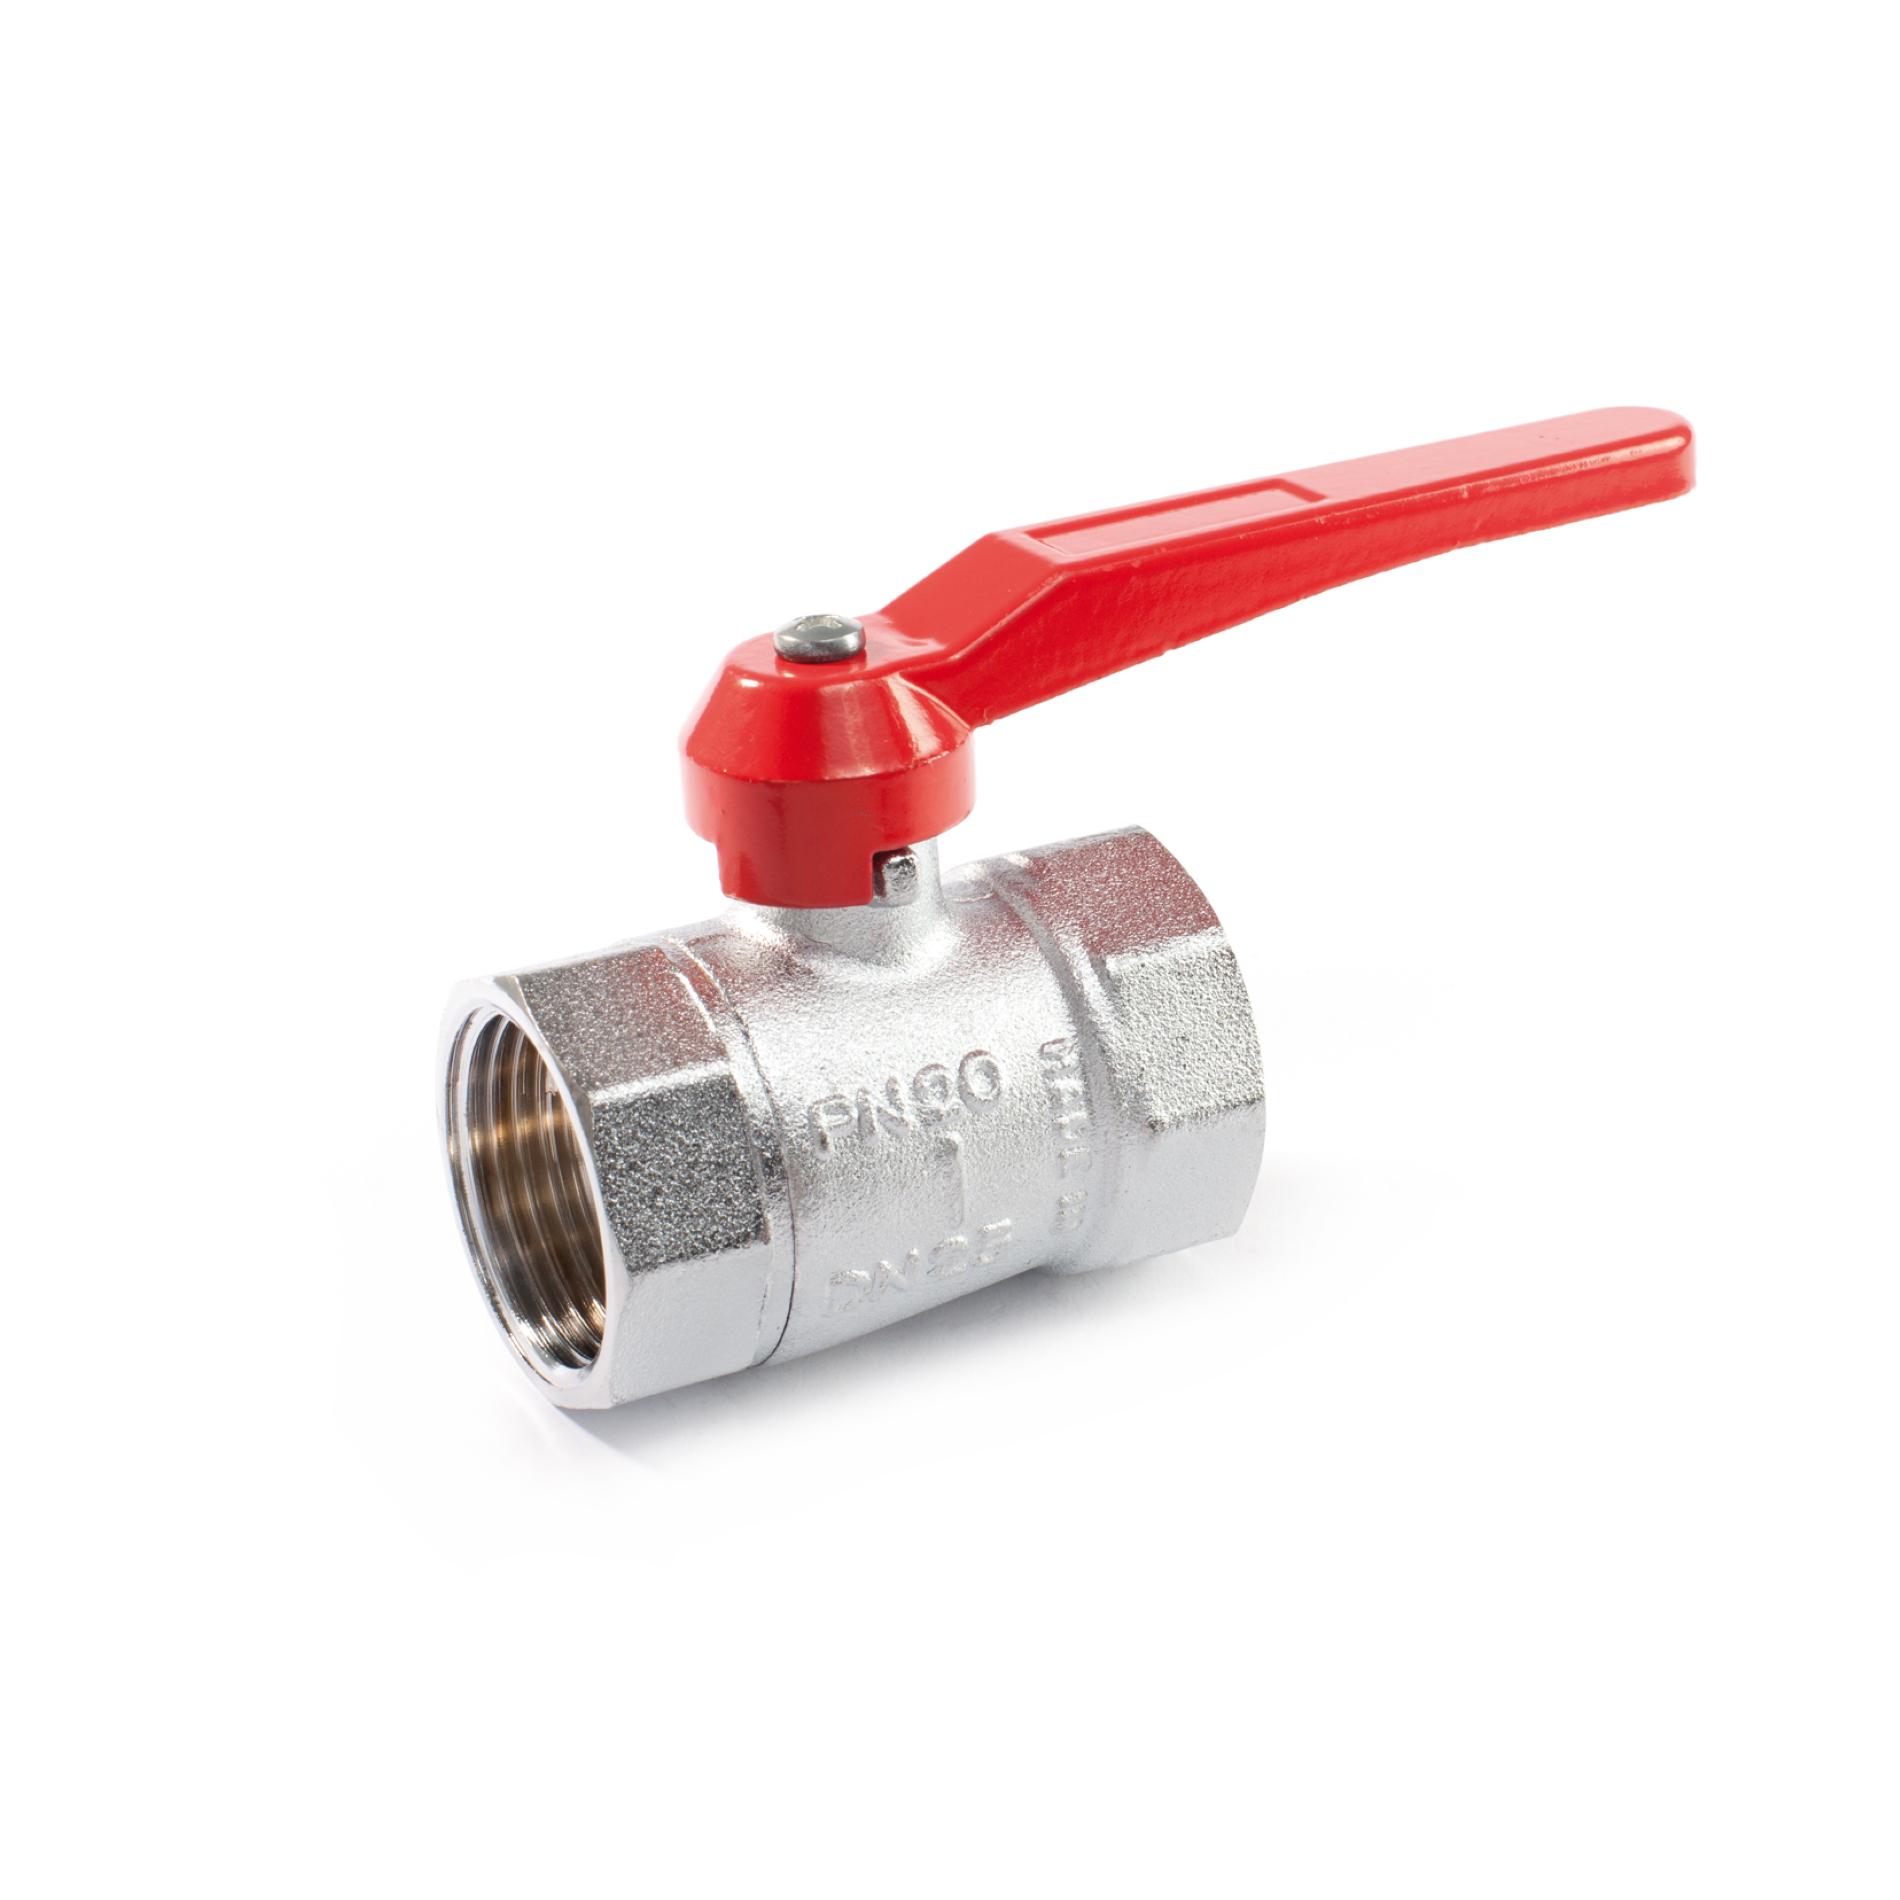 003 JOY Valvola a sfera a passaggio ridotto leva Reducing bore ball valve FxF lever